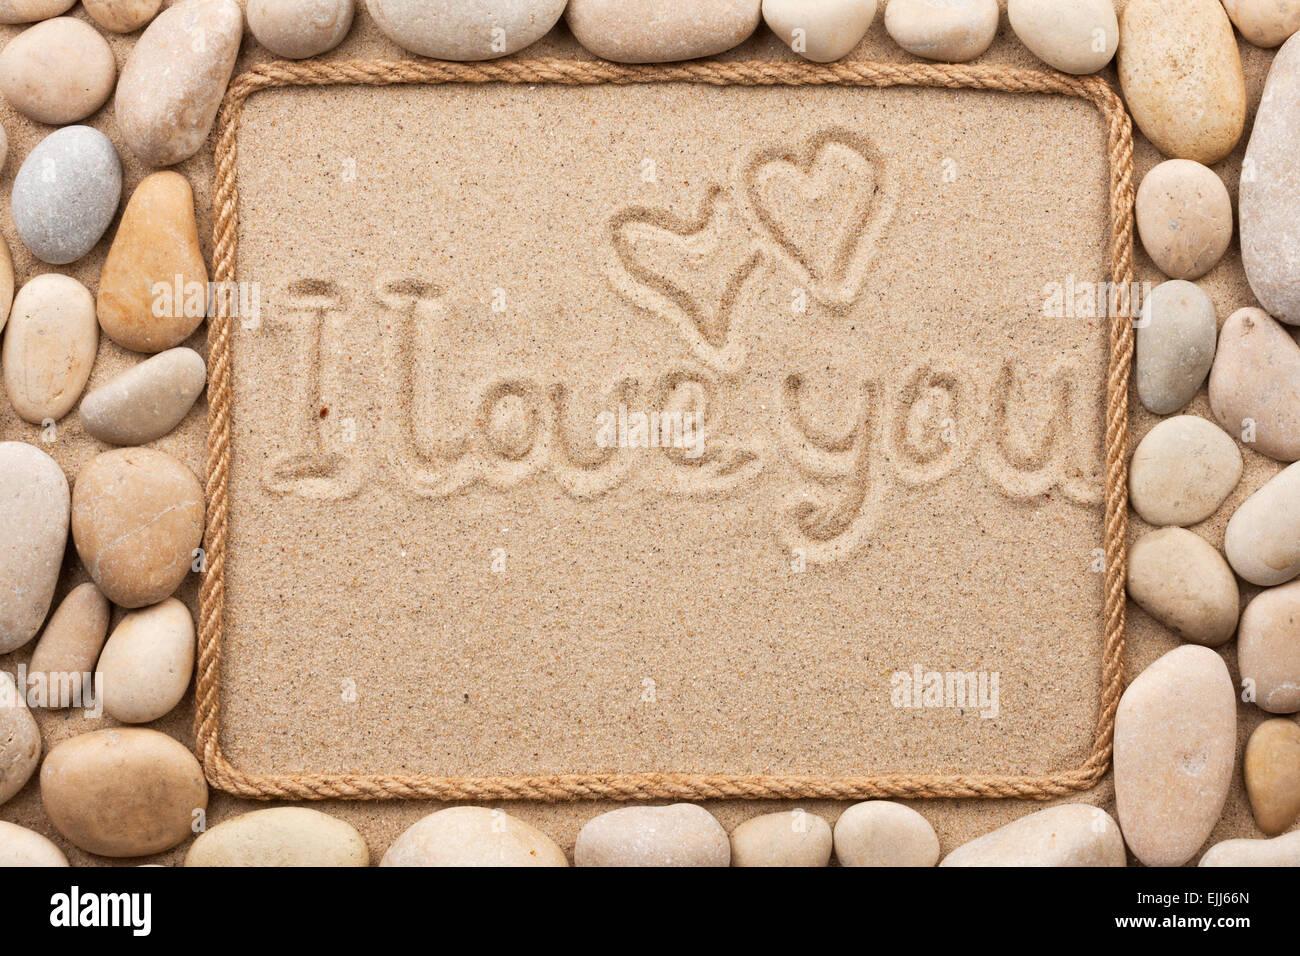 Schöner Rahmen aus Seil und Muscheln im Sand mit Text ich liebe dich ...